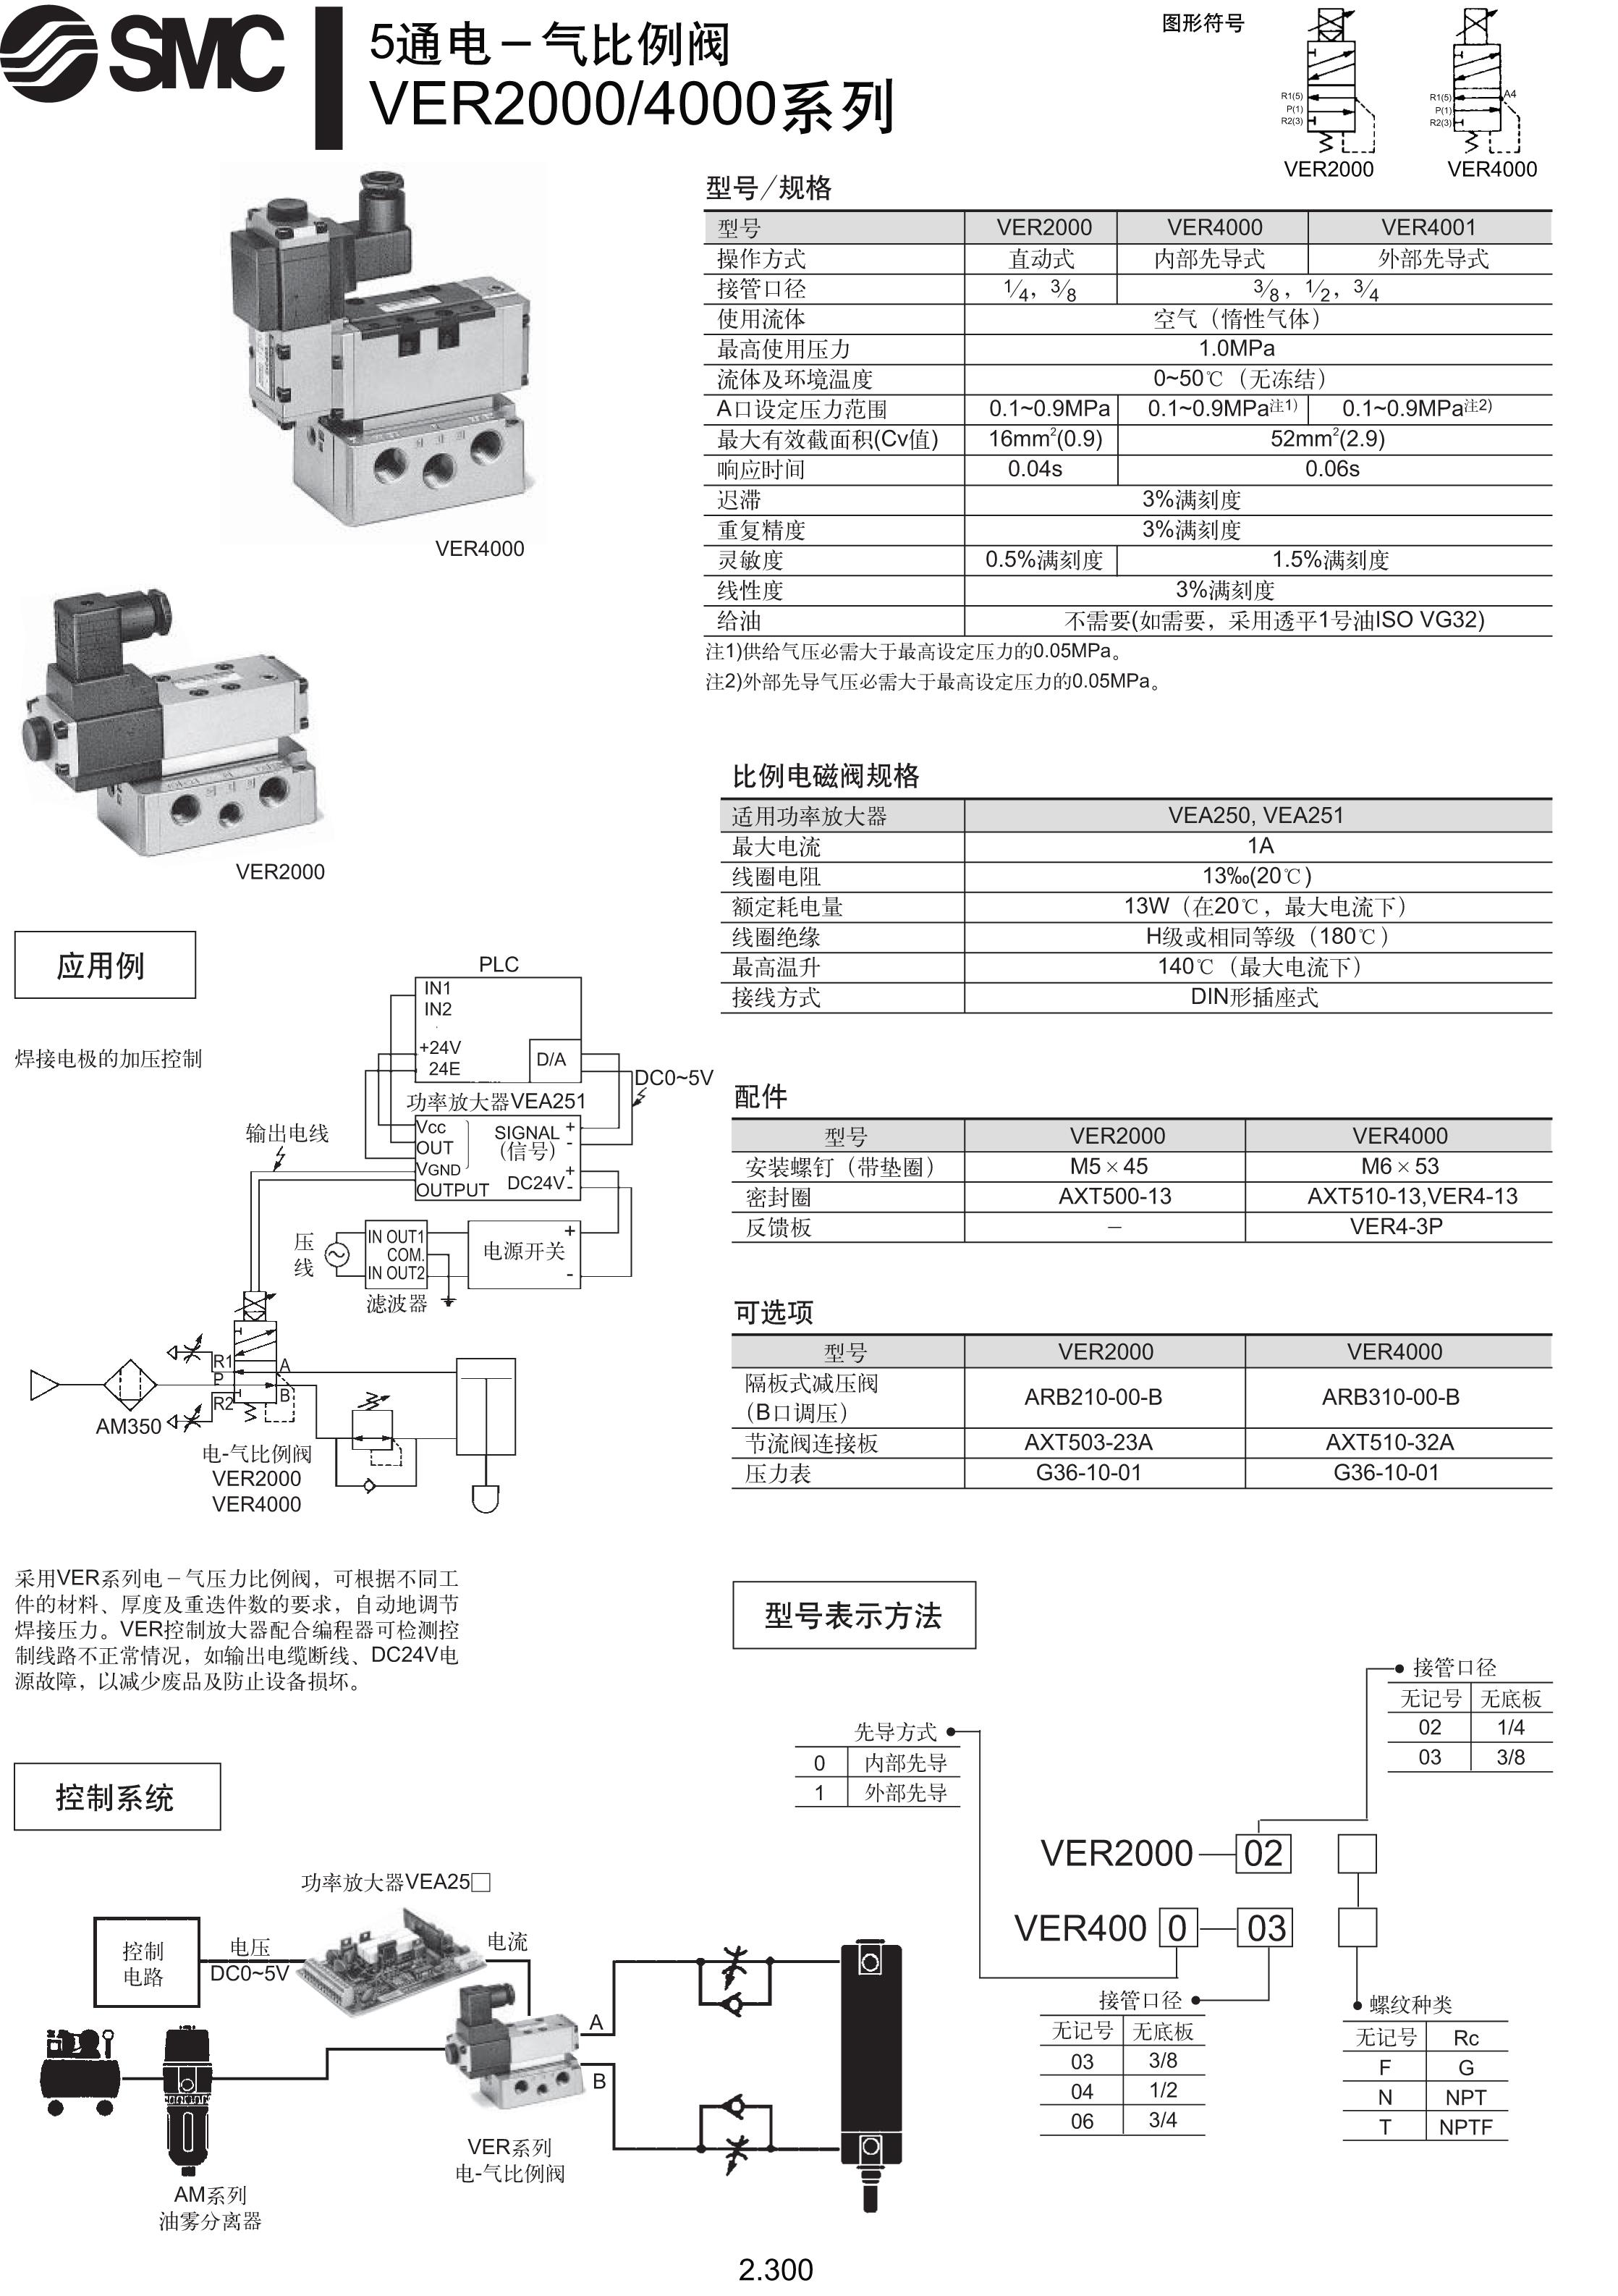 现货报价日本smc电气比例阀.ver4000-03图片说明 现货图片